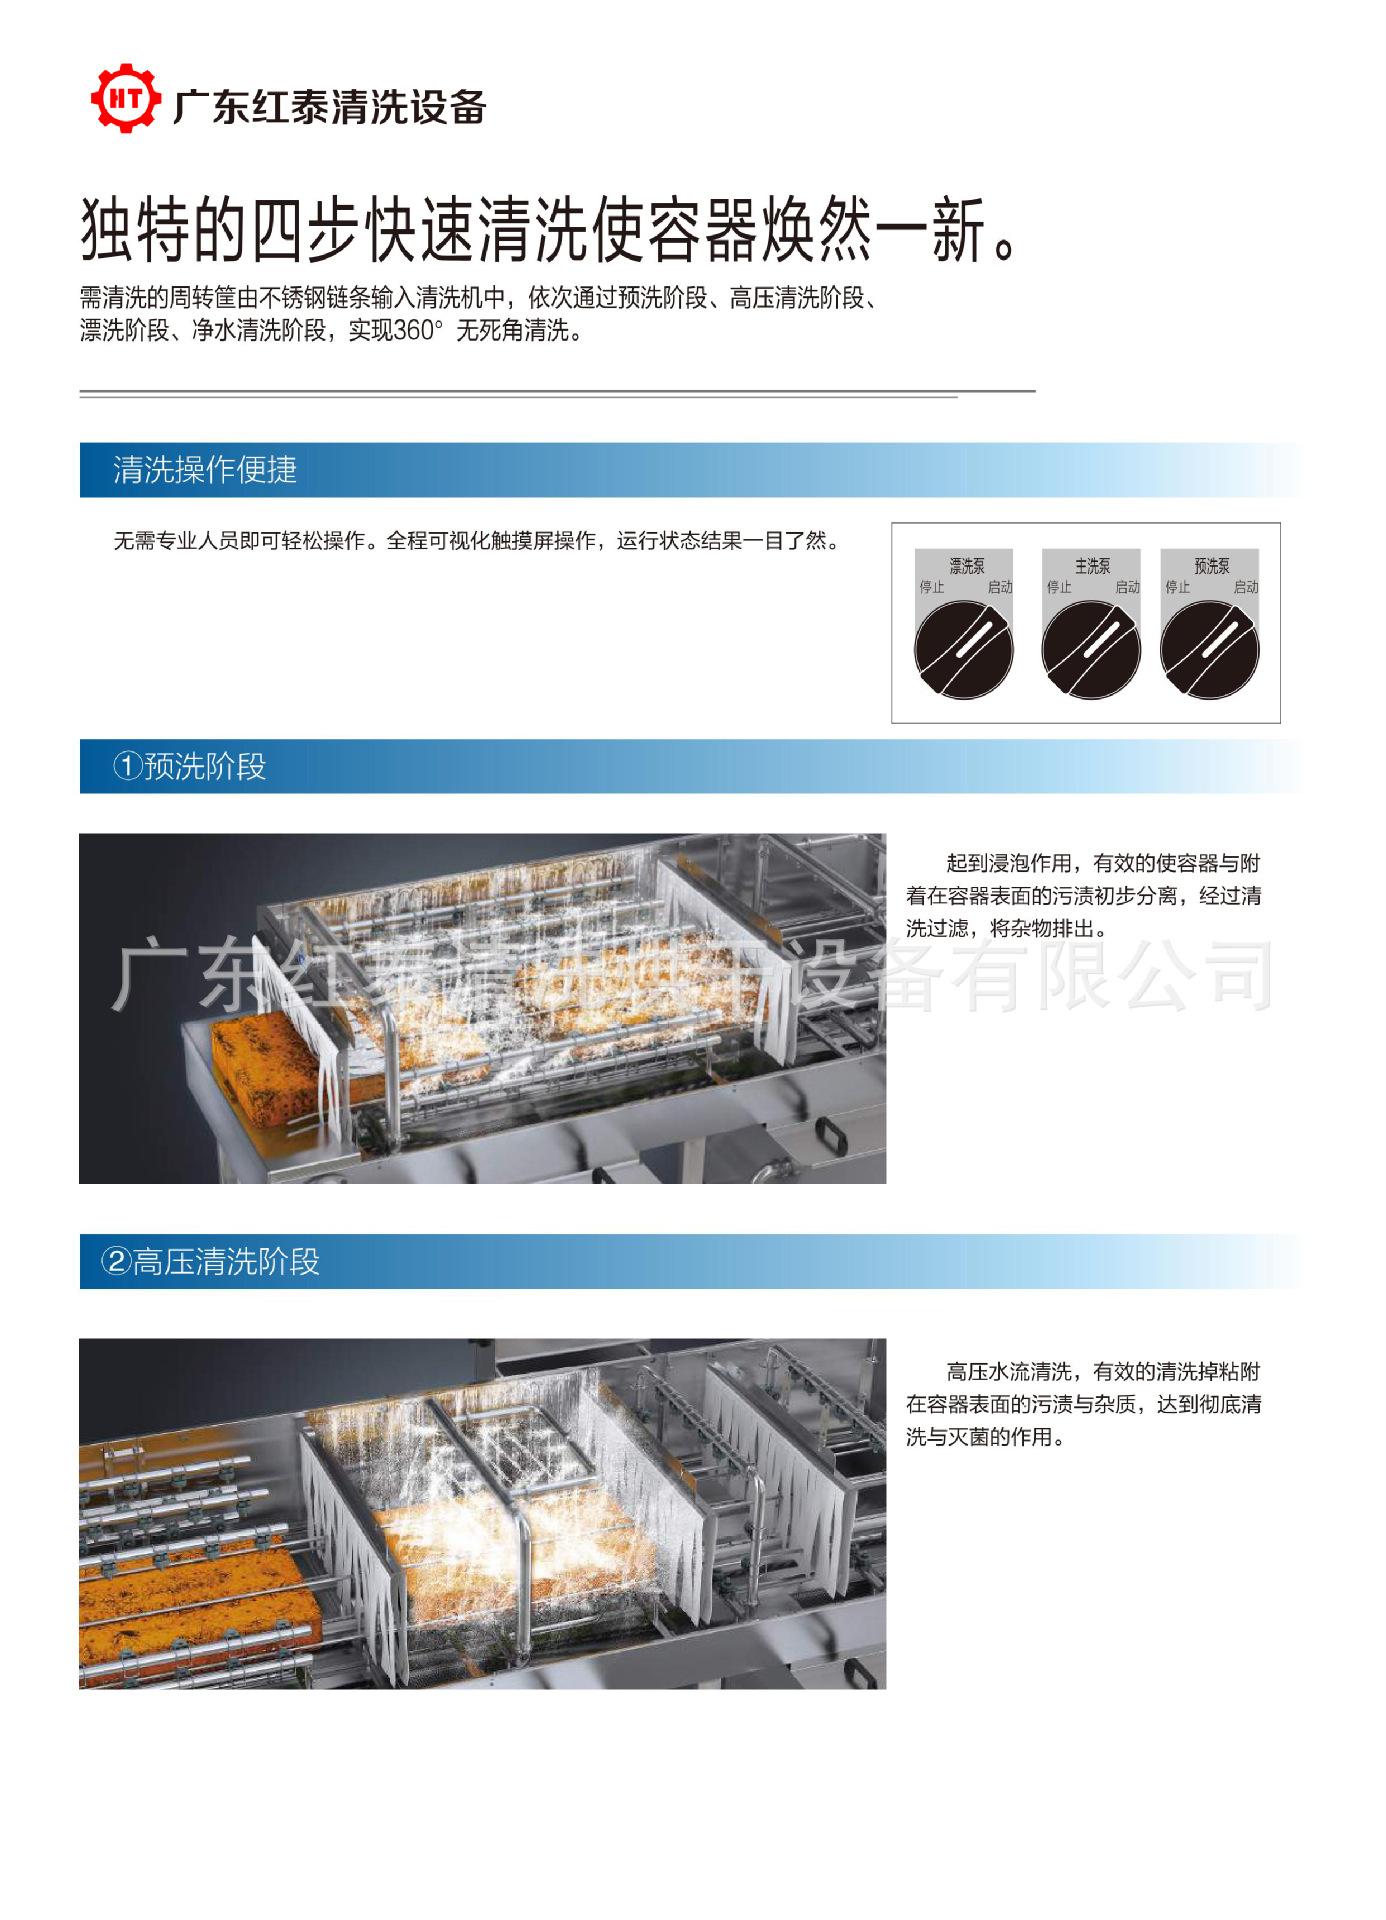 定制高效全自动周转箱清洗机 广州洗箱机厂家定制 10年设计经验示例图6